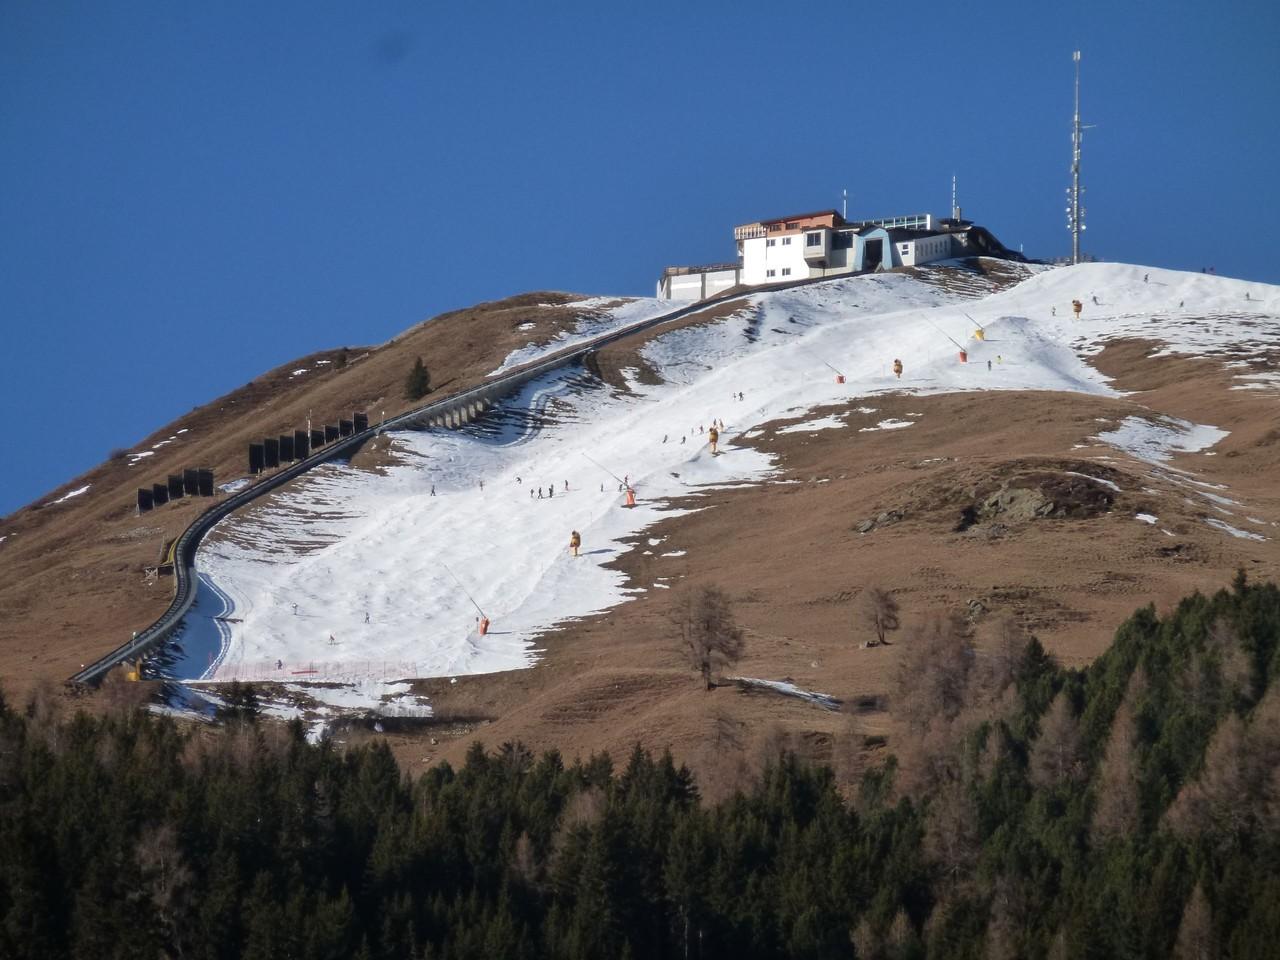 Skipiste in Davos mit wenig Schnee